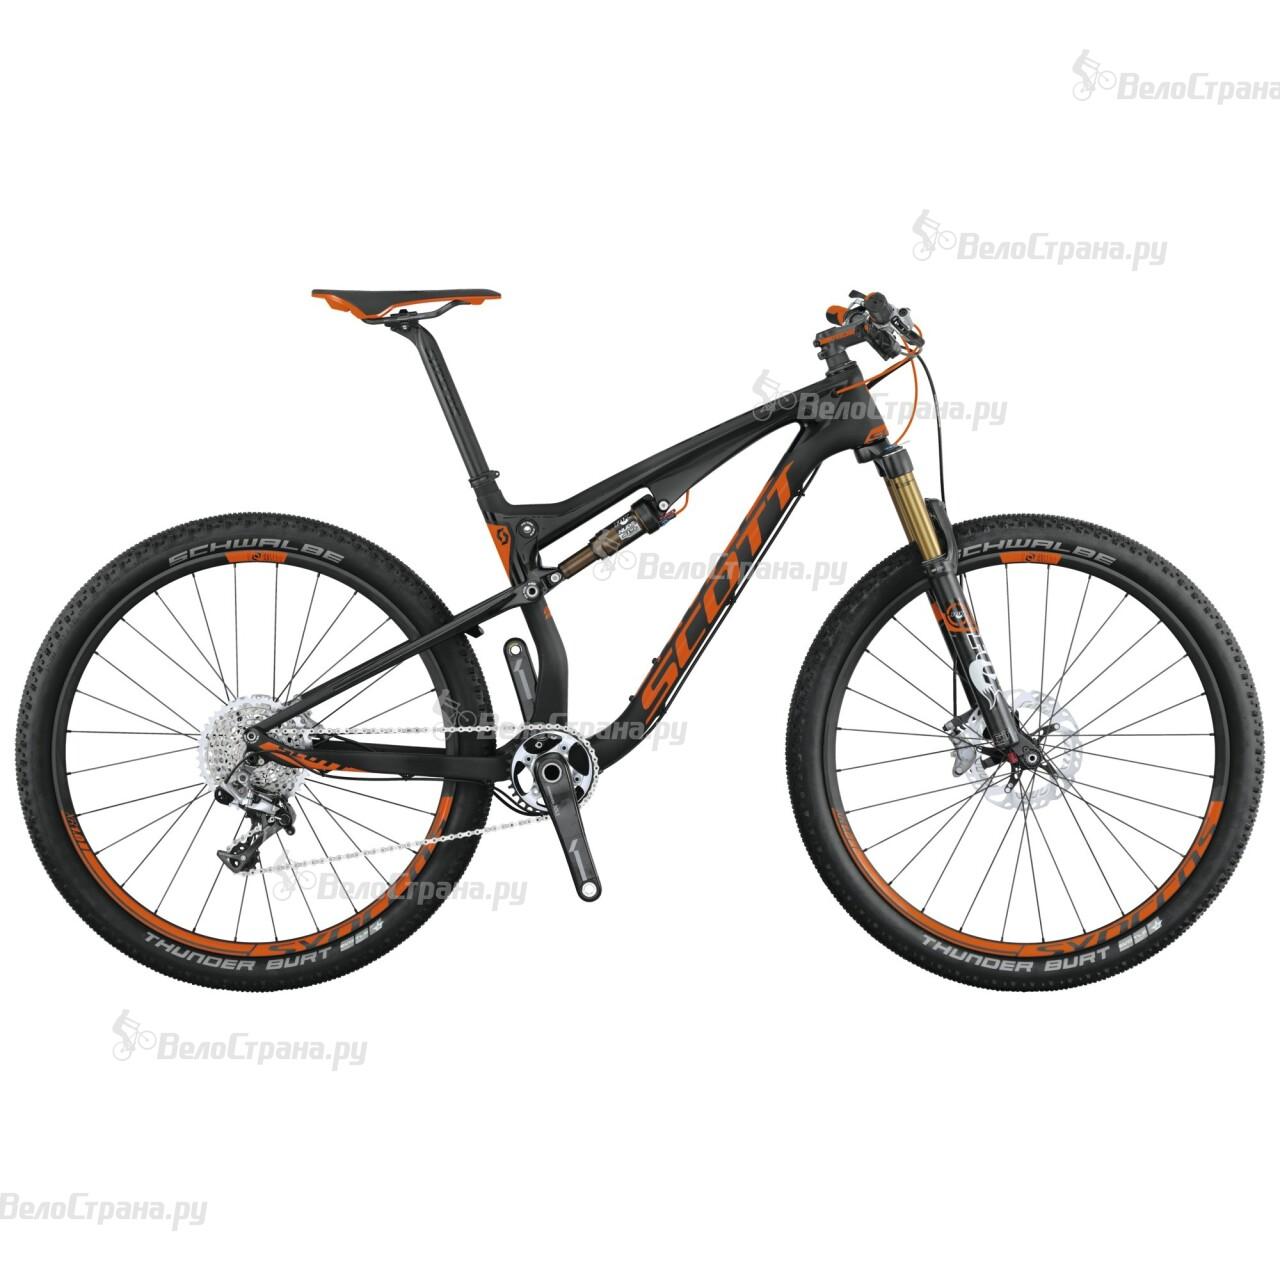 Велосипед Scott Spark 700 SL (2015) велосипед scott scale 700 premium 2015